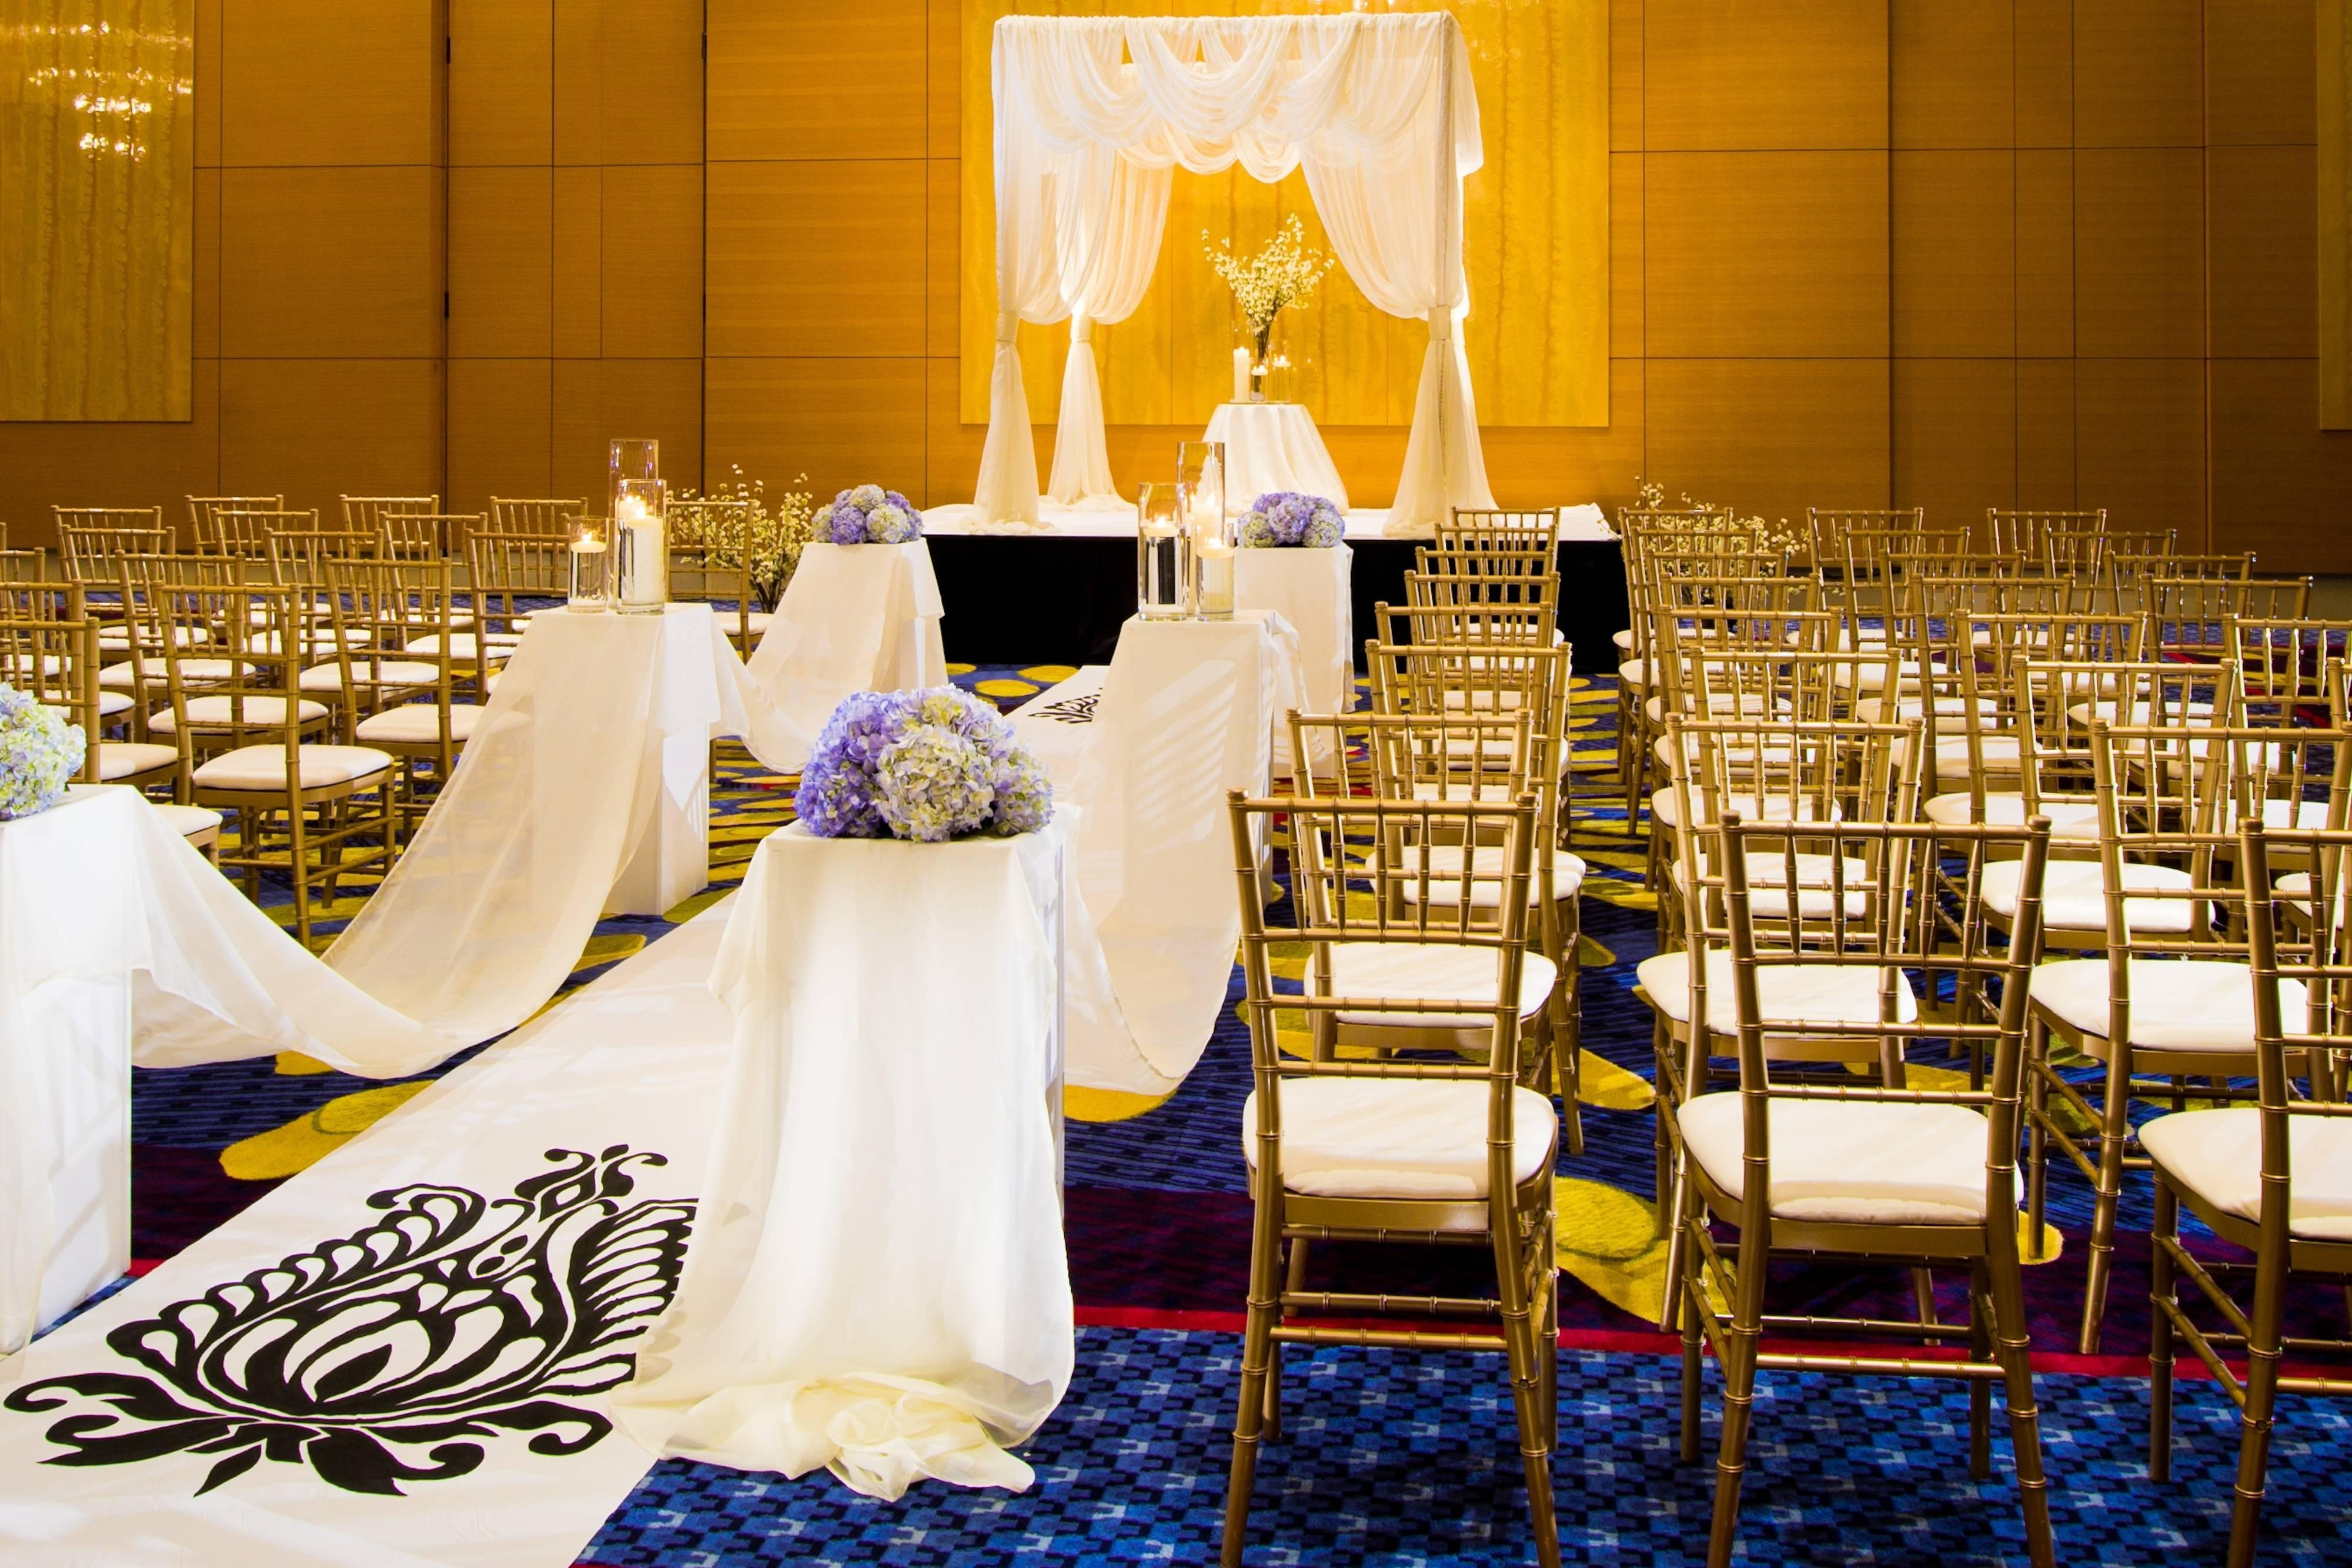 Exquisite Wedding Ceremonies